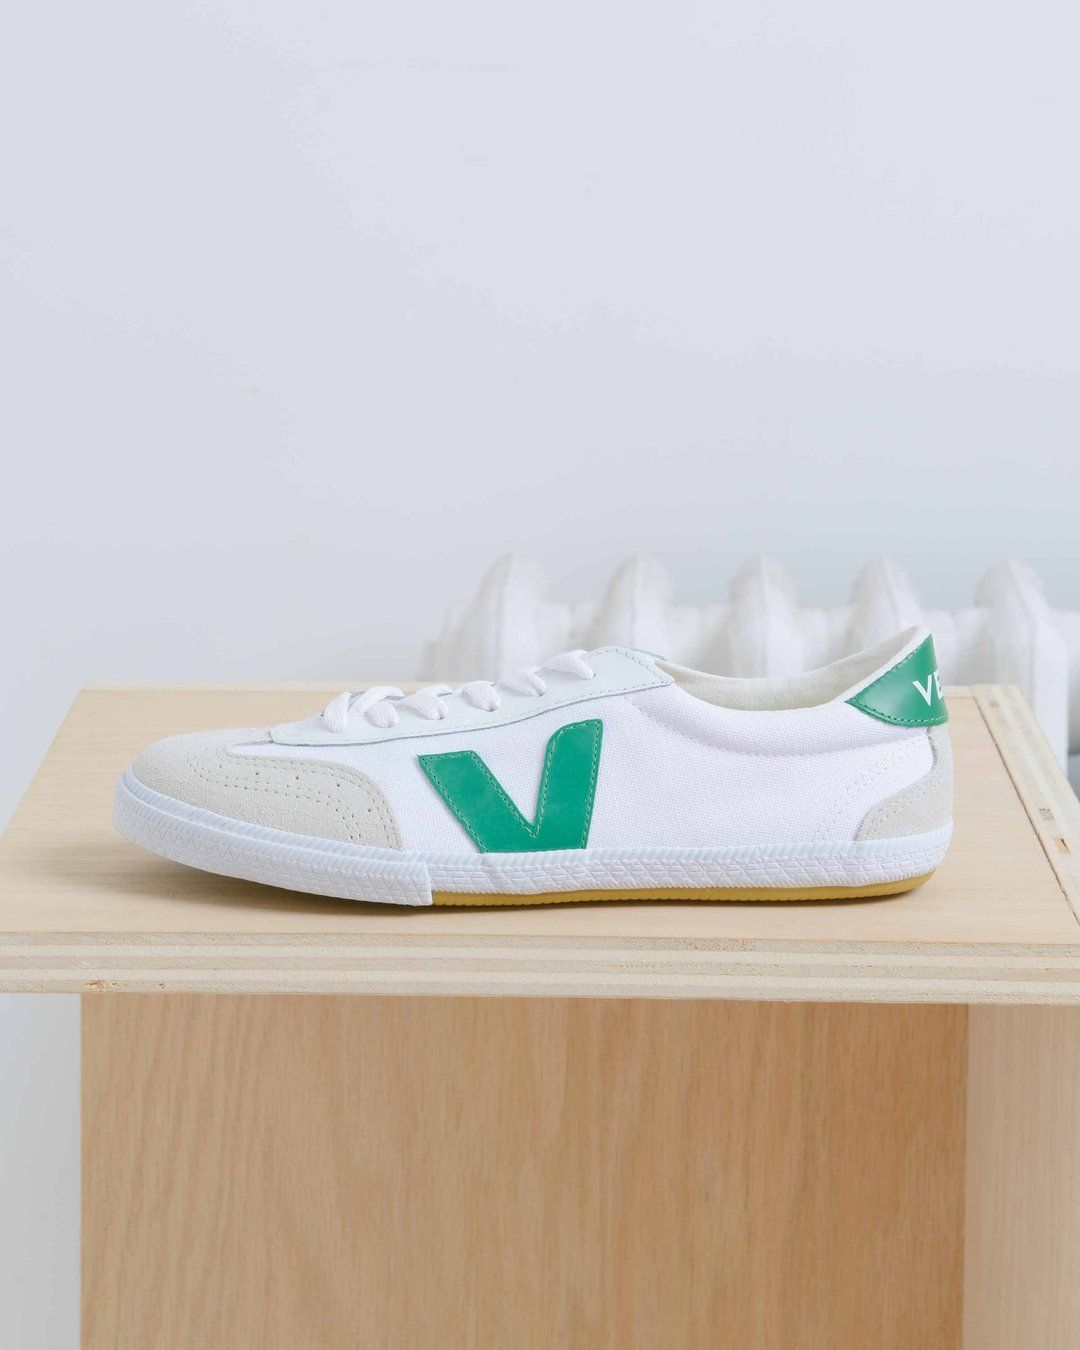 Veja Emeraude Volley   Sneakers, Green